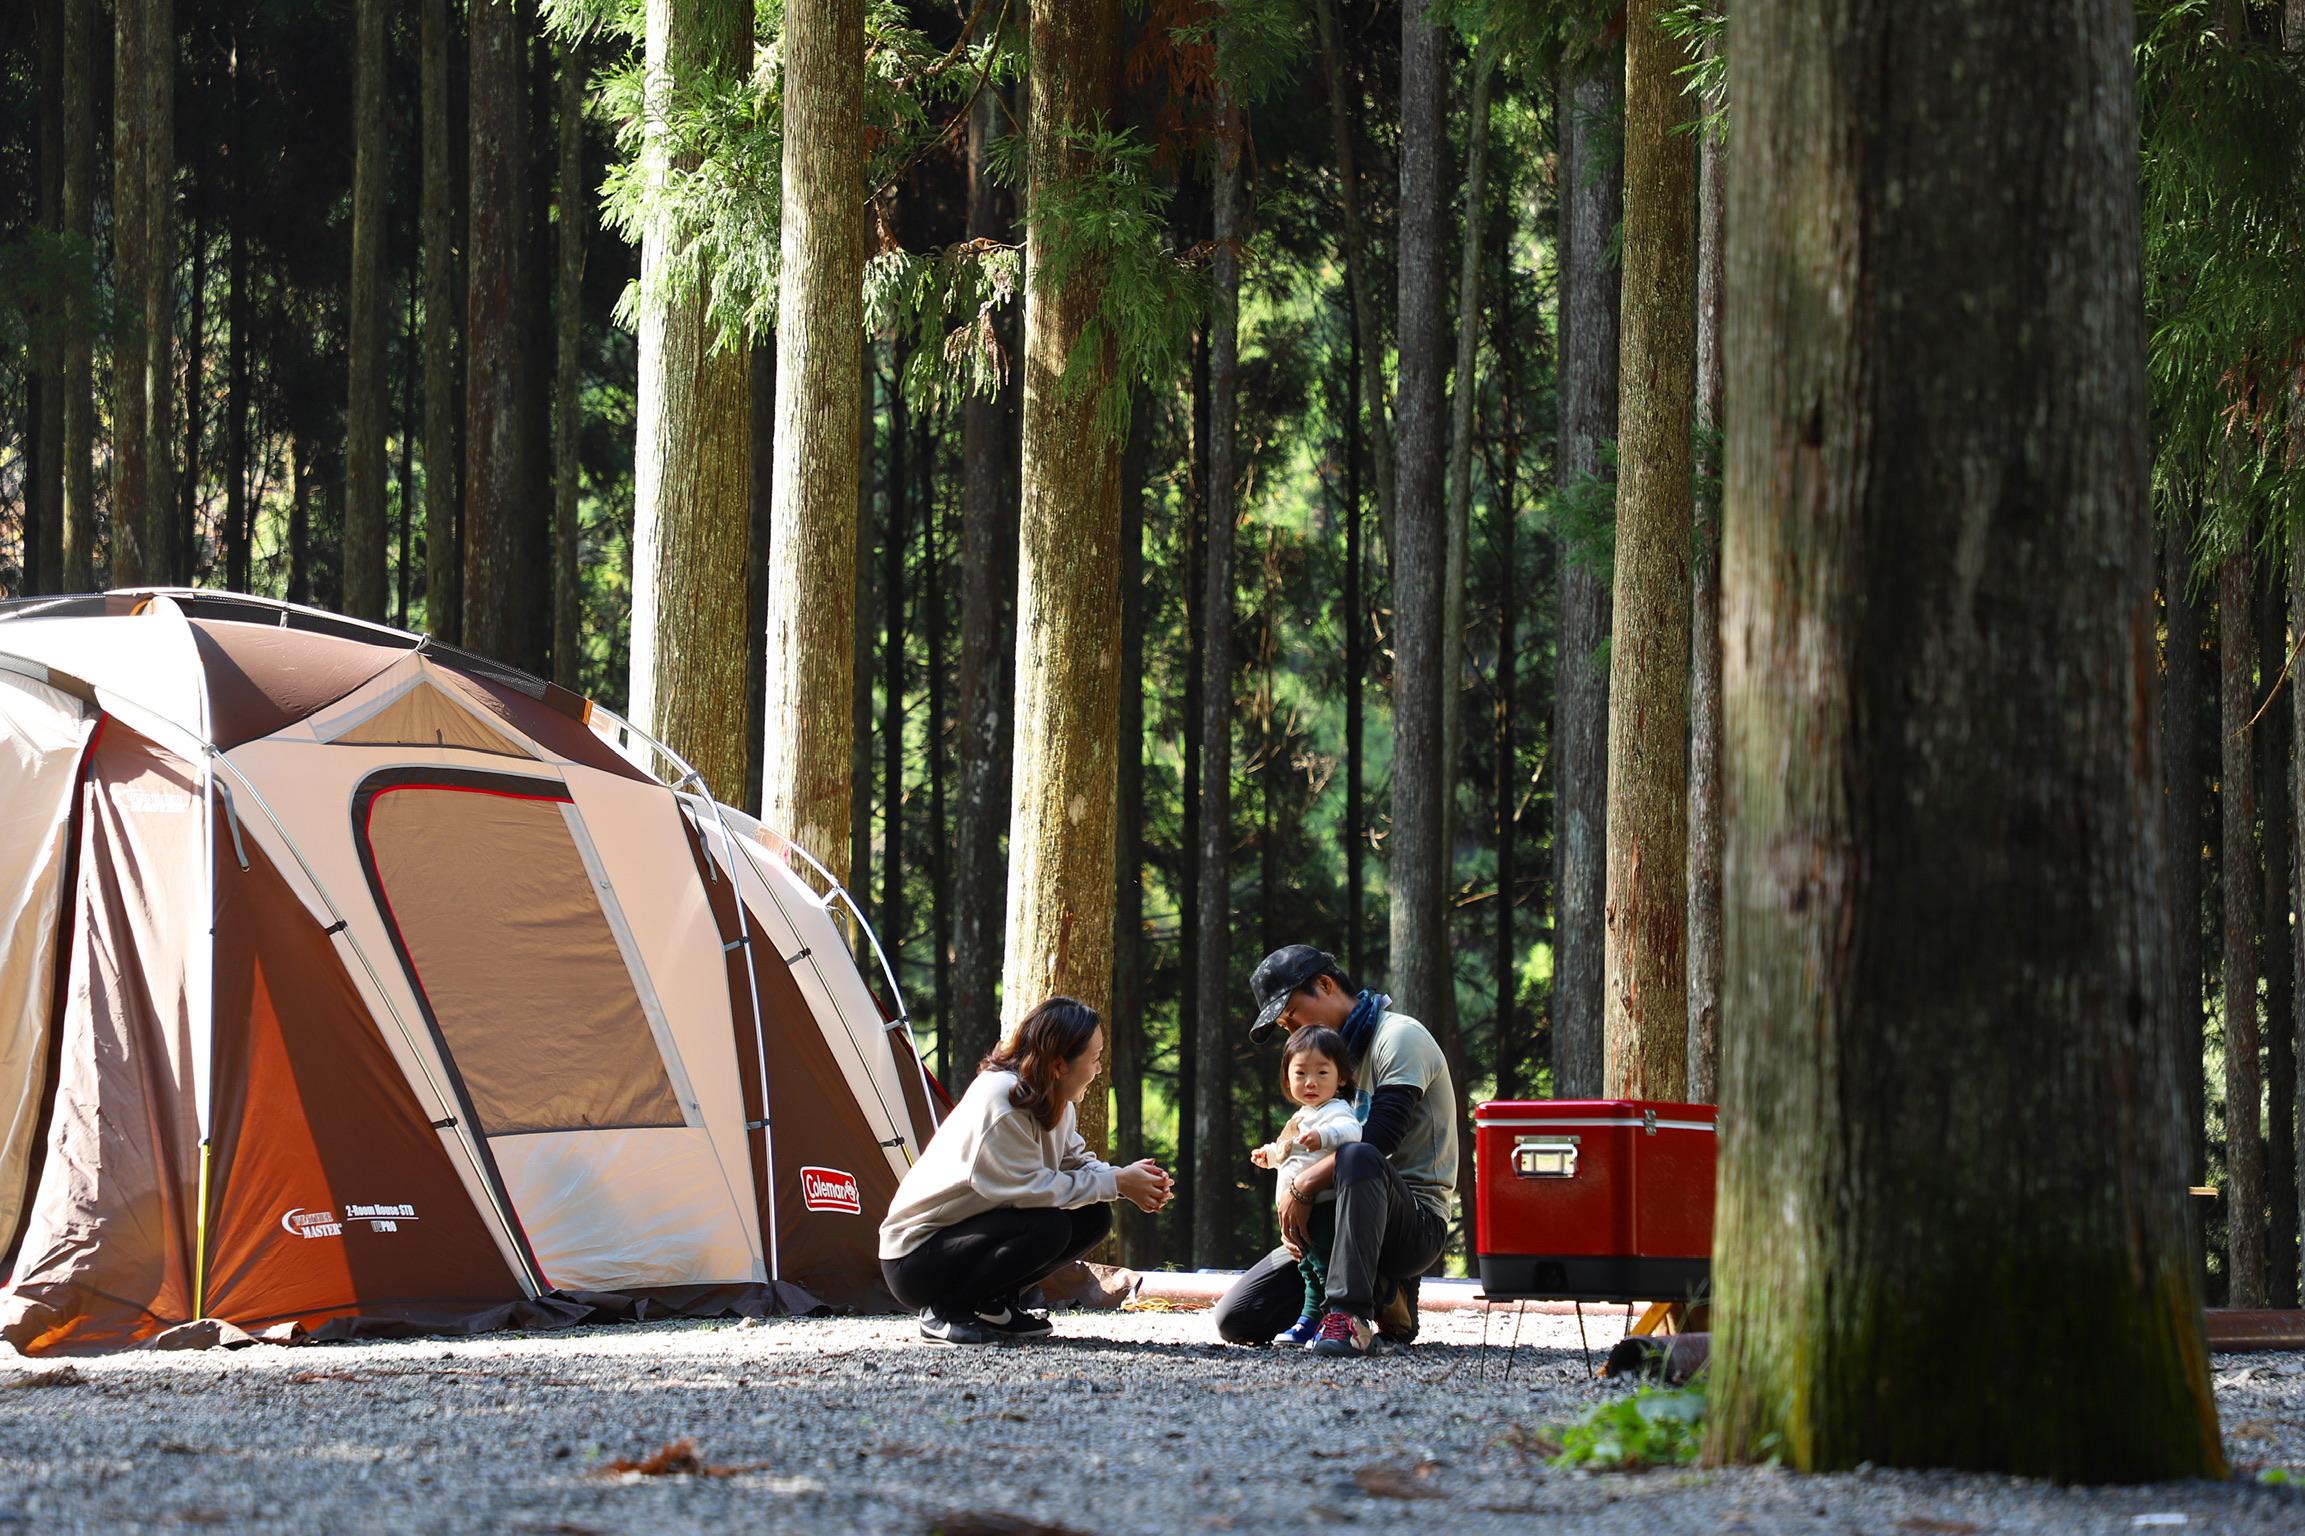 静かな木々に囲まれながら♫ 西之谷 ふれあいの森キャンプ場